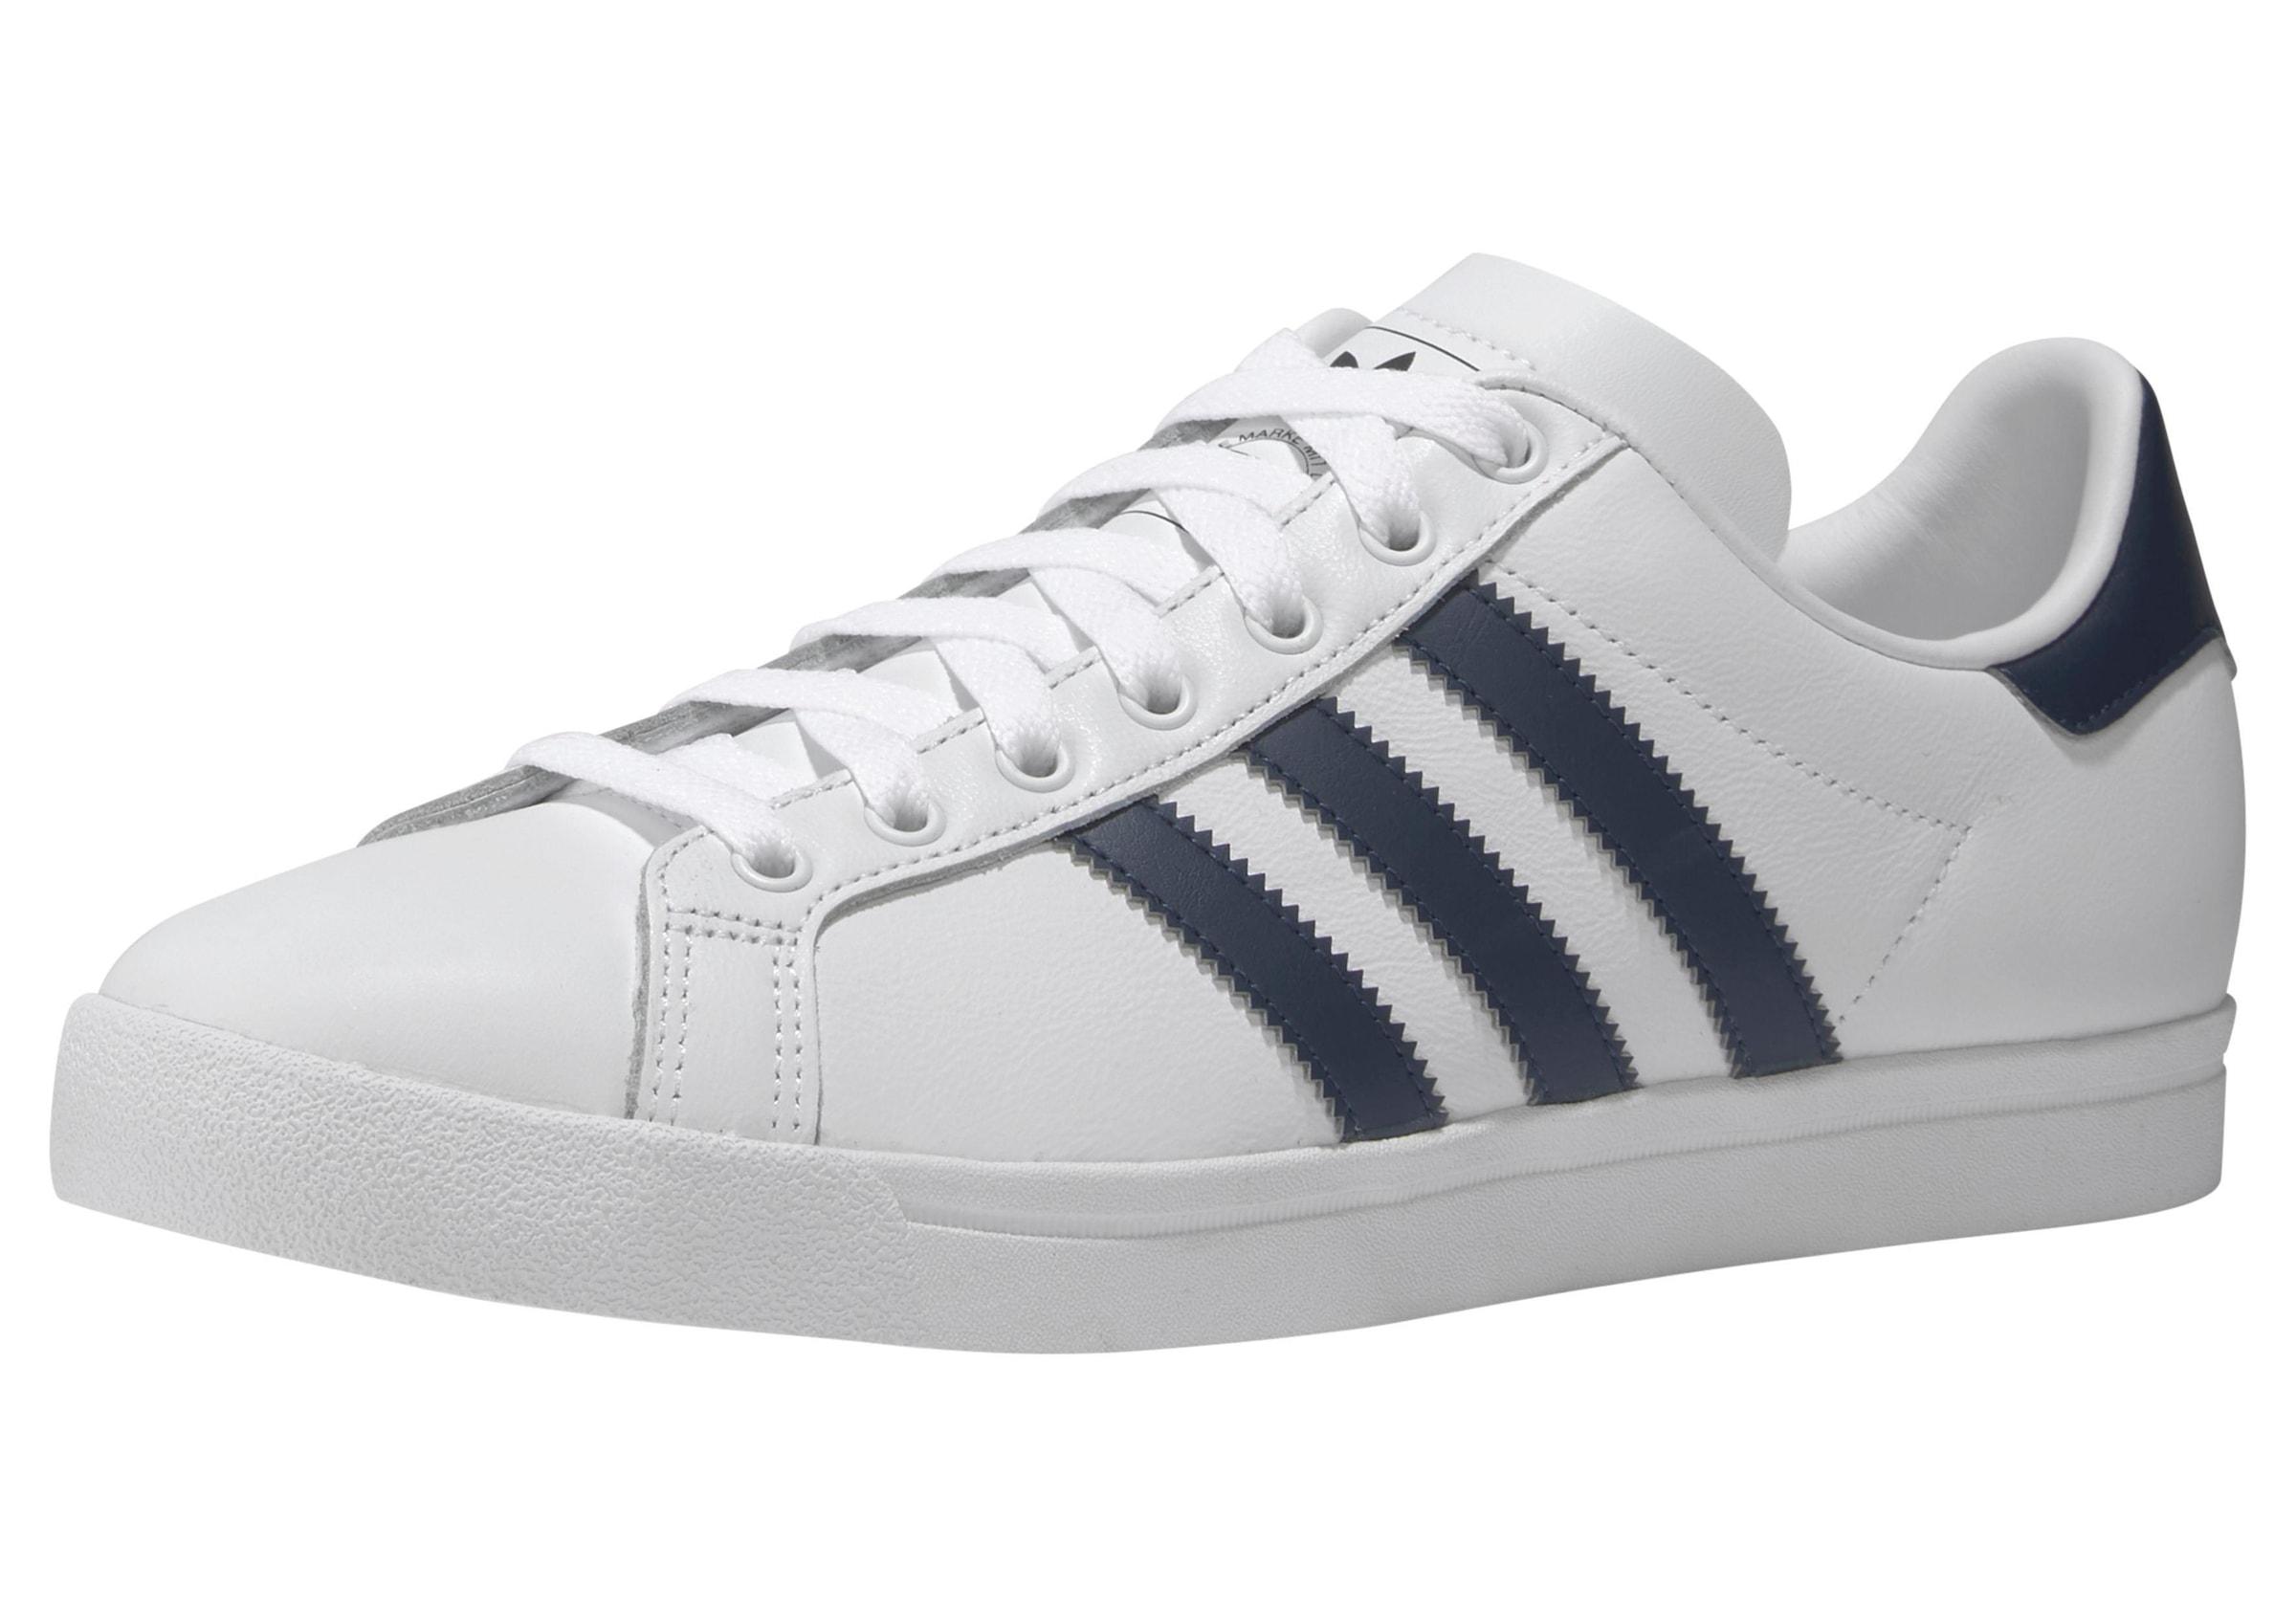 adidas Originals Sneaker »Coast Star« per Rechnung | BAUR